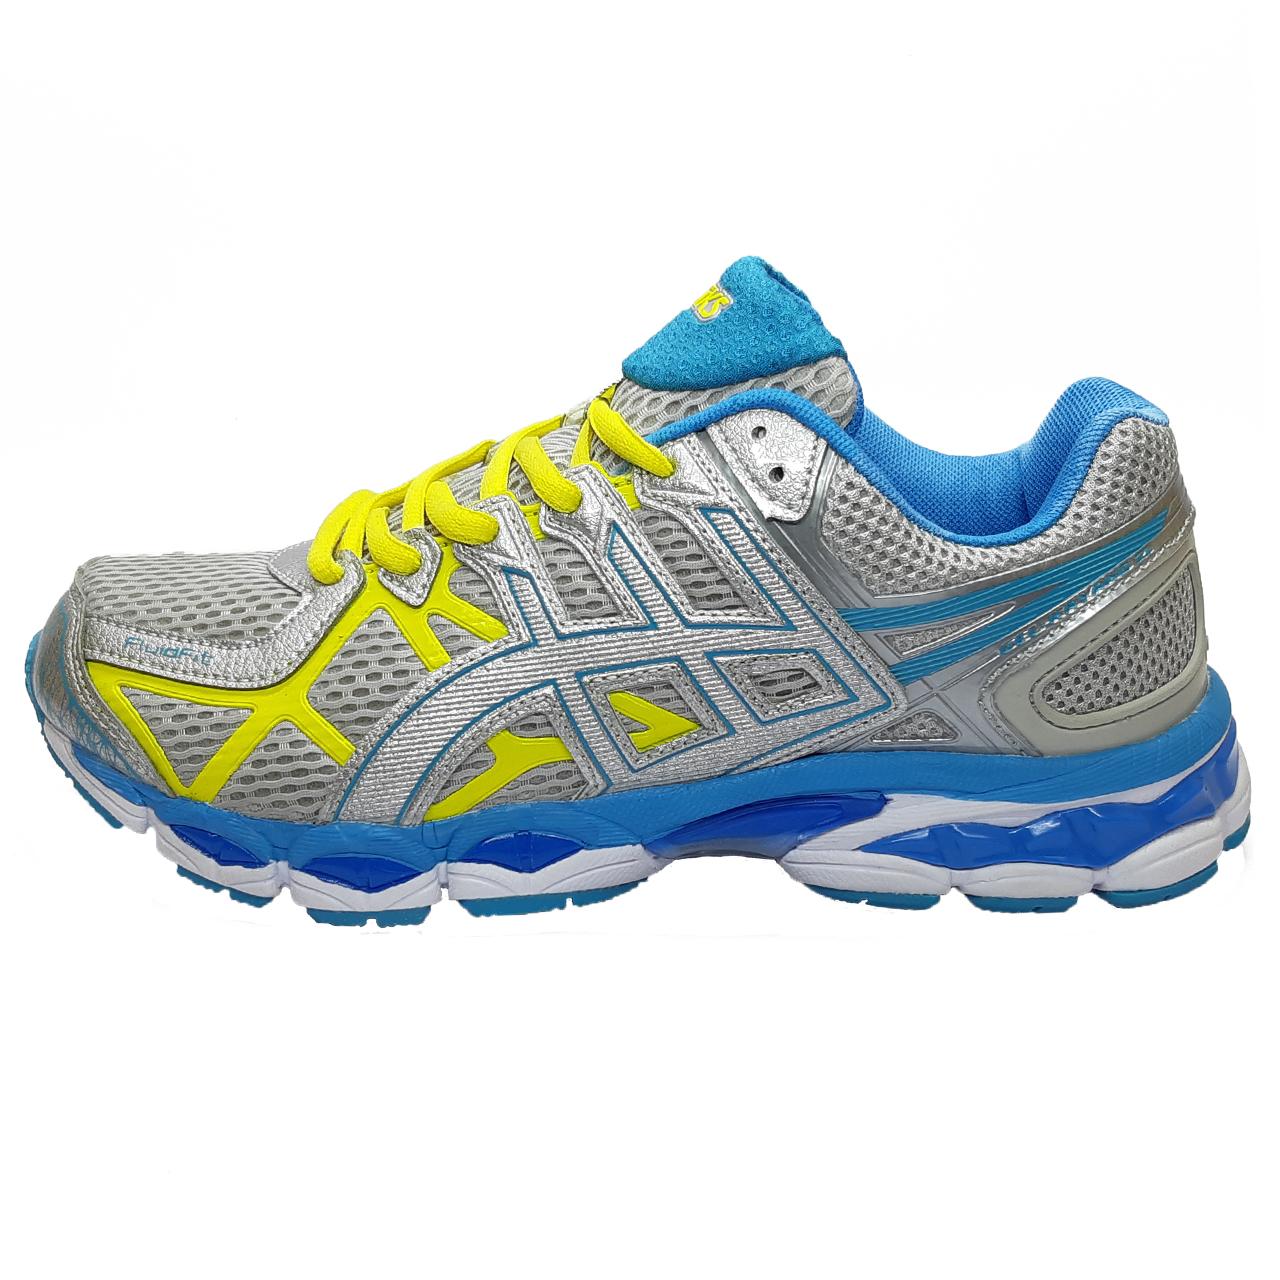 قیمت کفش مخصوص پیاده روی مردانه کد 3174